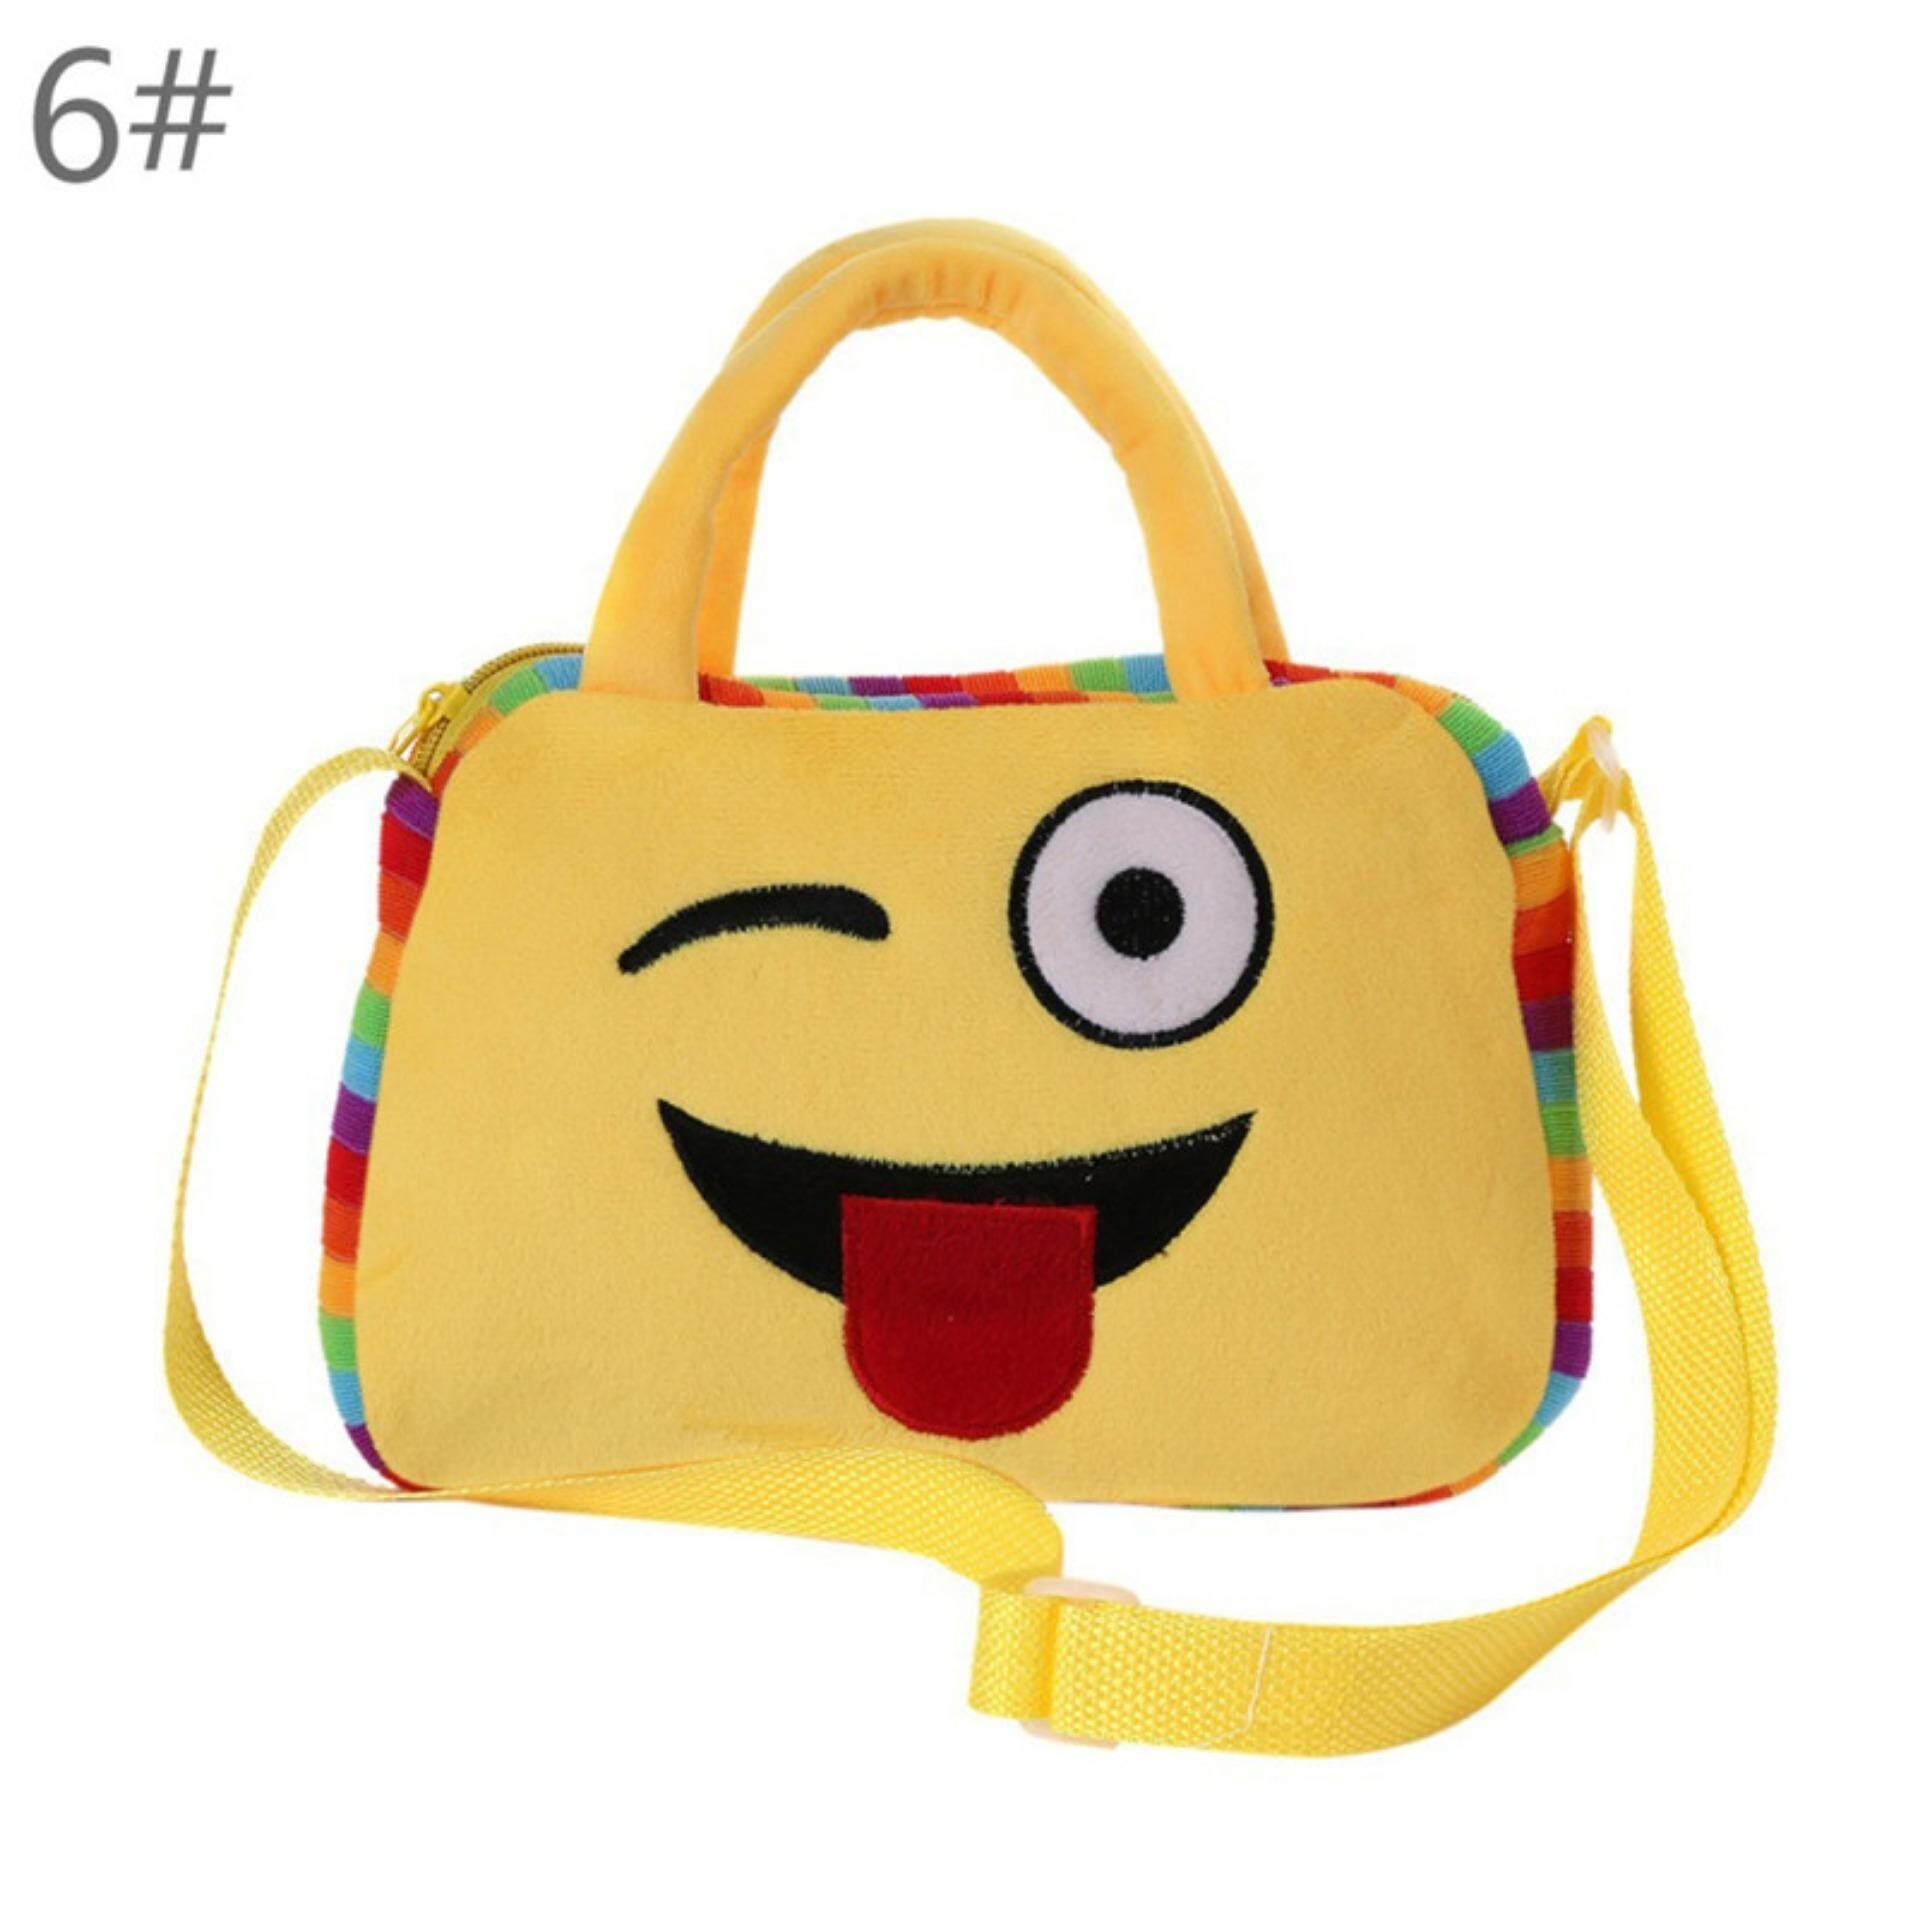 Giá bán Emoji Face Expression Plush Toy Children Backpacks Shoulder School Bag Handbag type:6 - intl